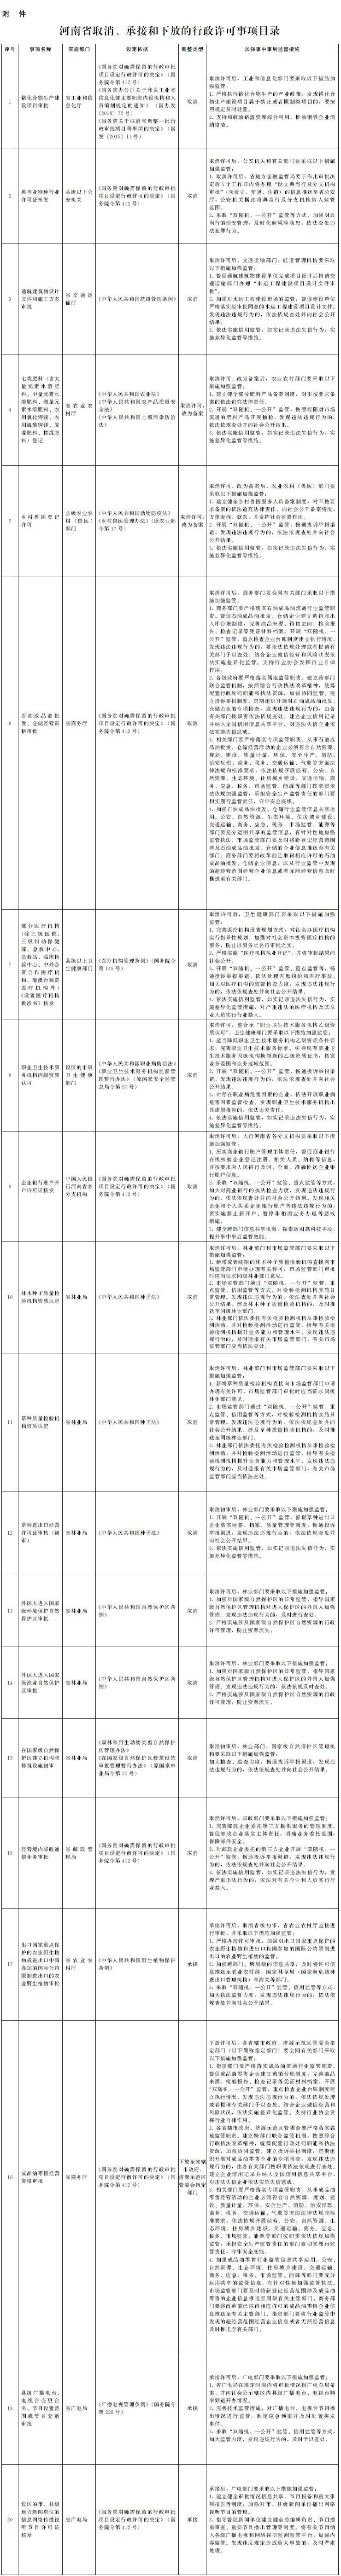 河南省取消、承接和下放的行政许可事项目录